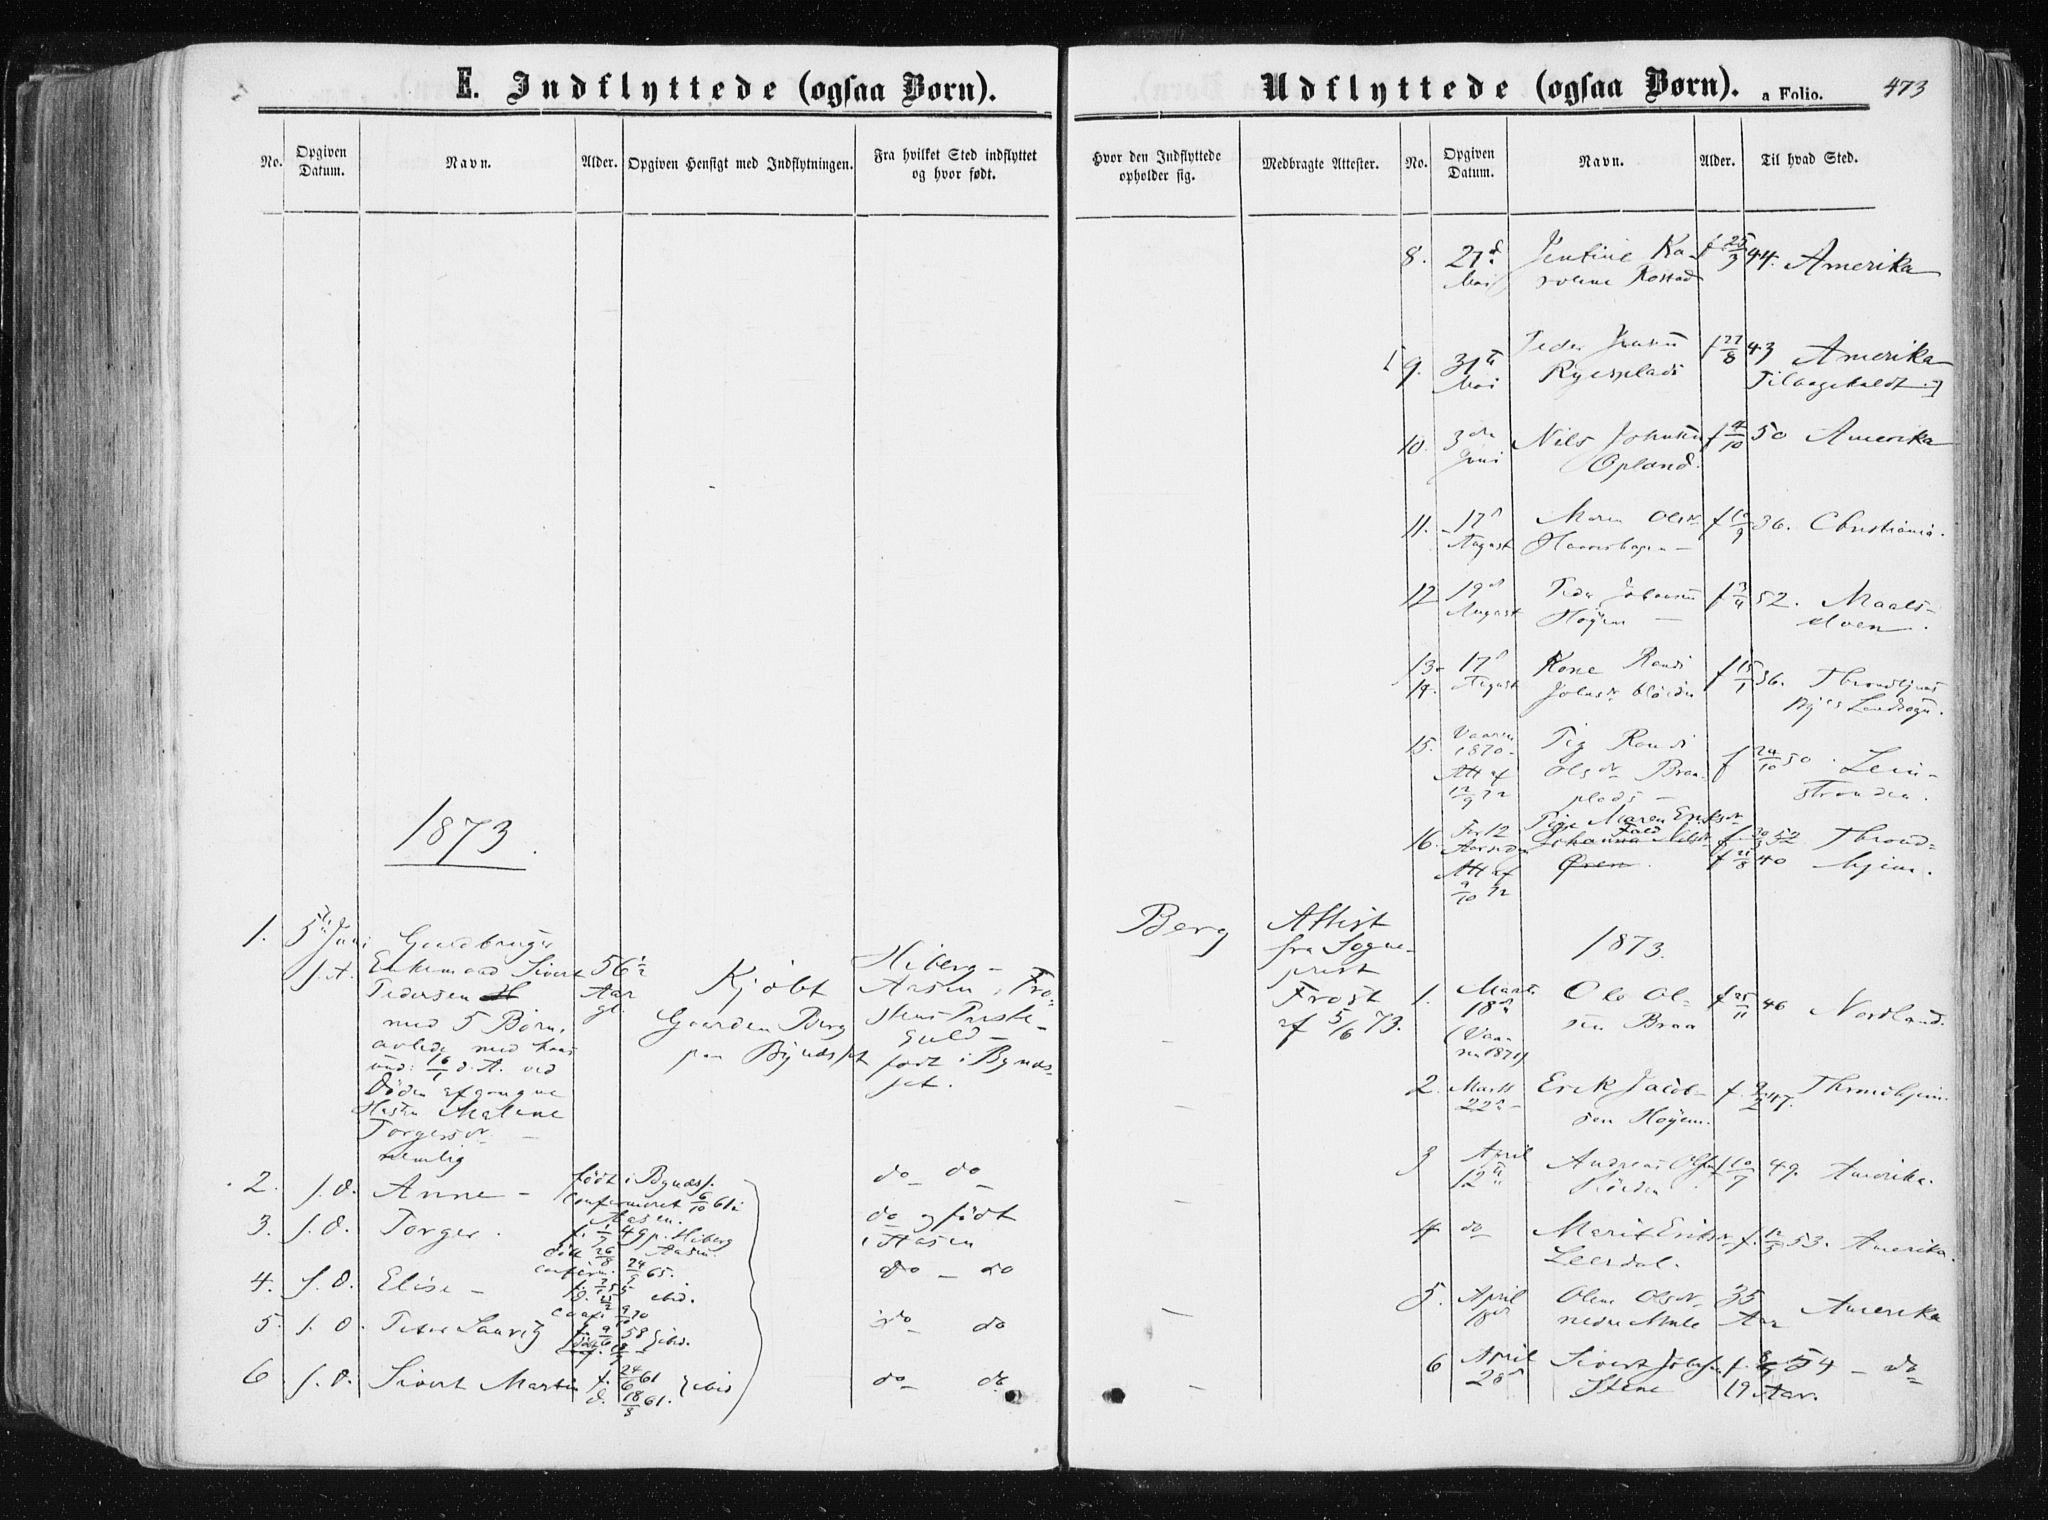 SAT, Ministerialprotokoller, klokkerbøker og fødselsregistre - Sør-Trøndelag, 612/L0377: Ministerialbok nr. 612A09, 1859-1877, s. 473